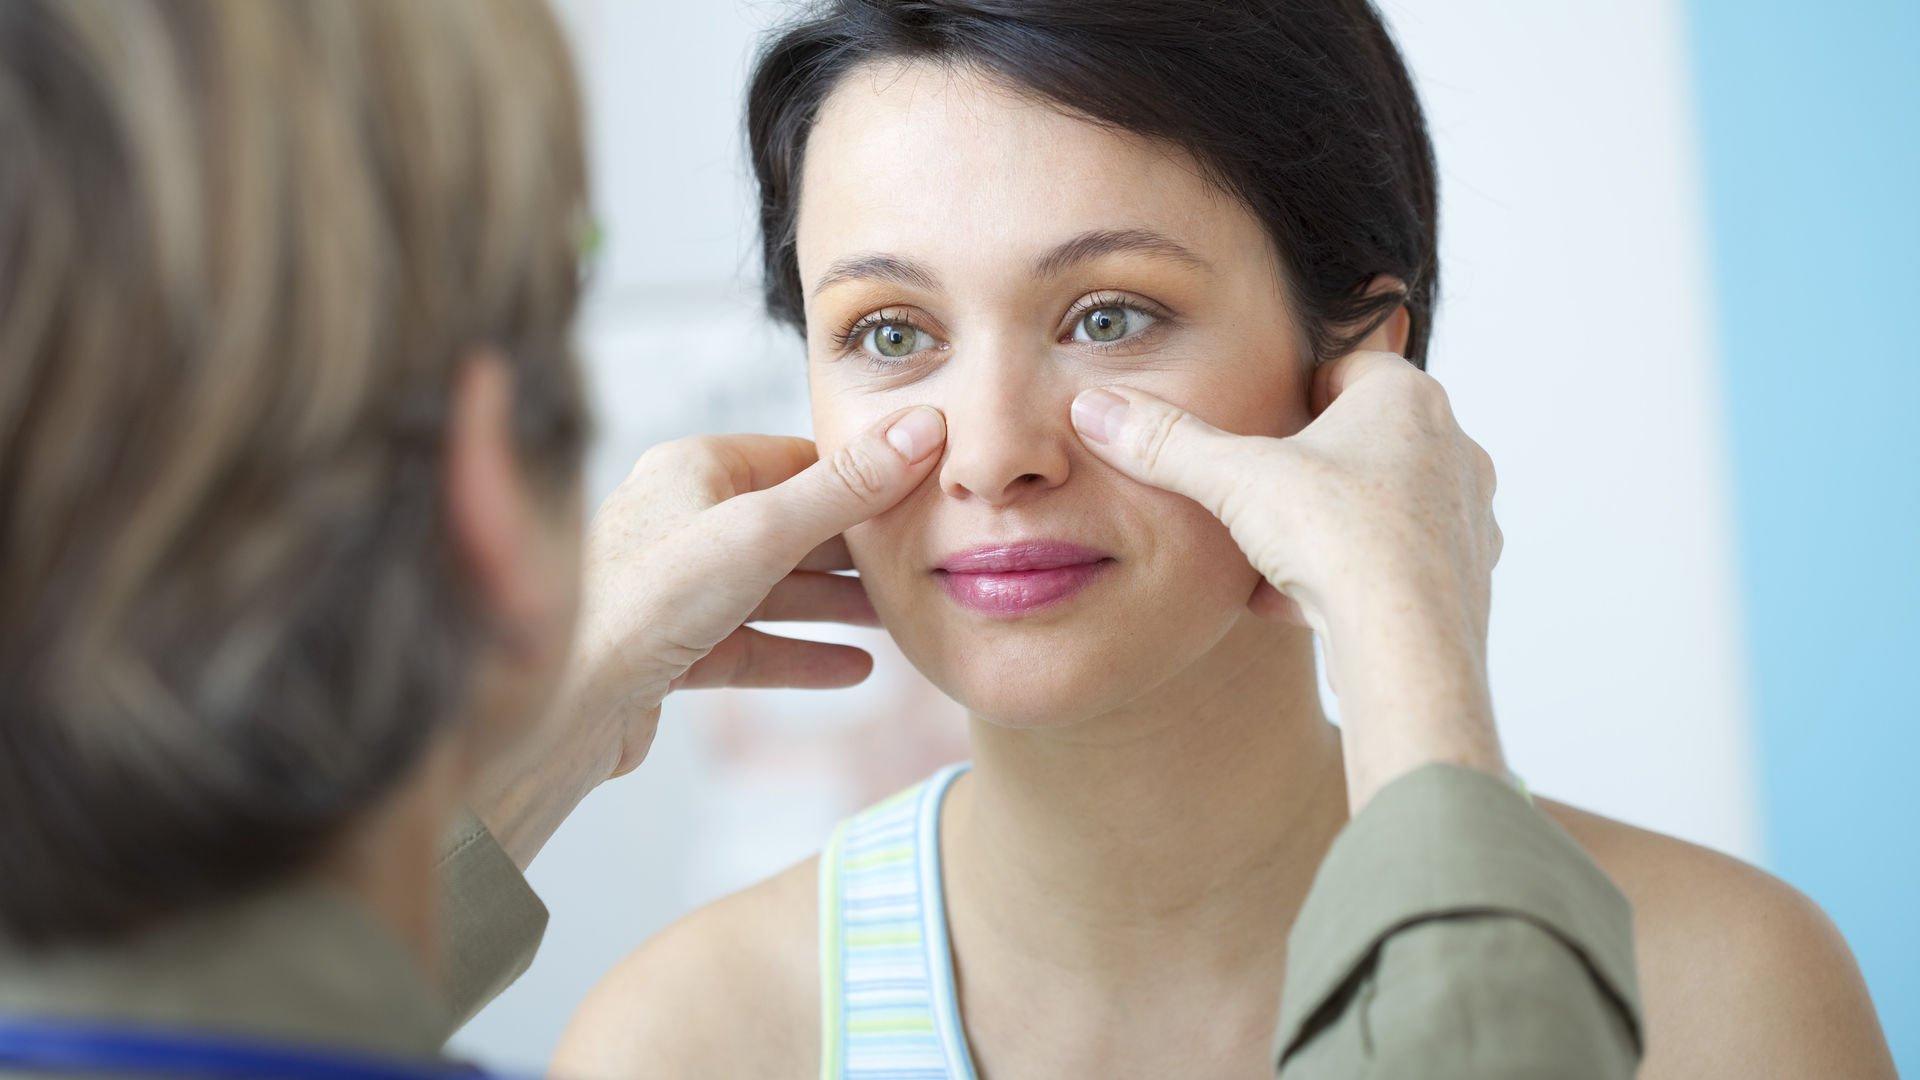 Sinüzit tedavisinde ameliyat gerekiyor mu akut ve kronik sinüzit ilacı